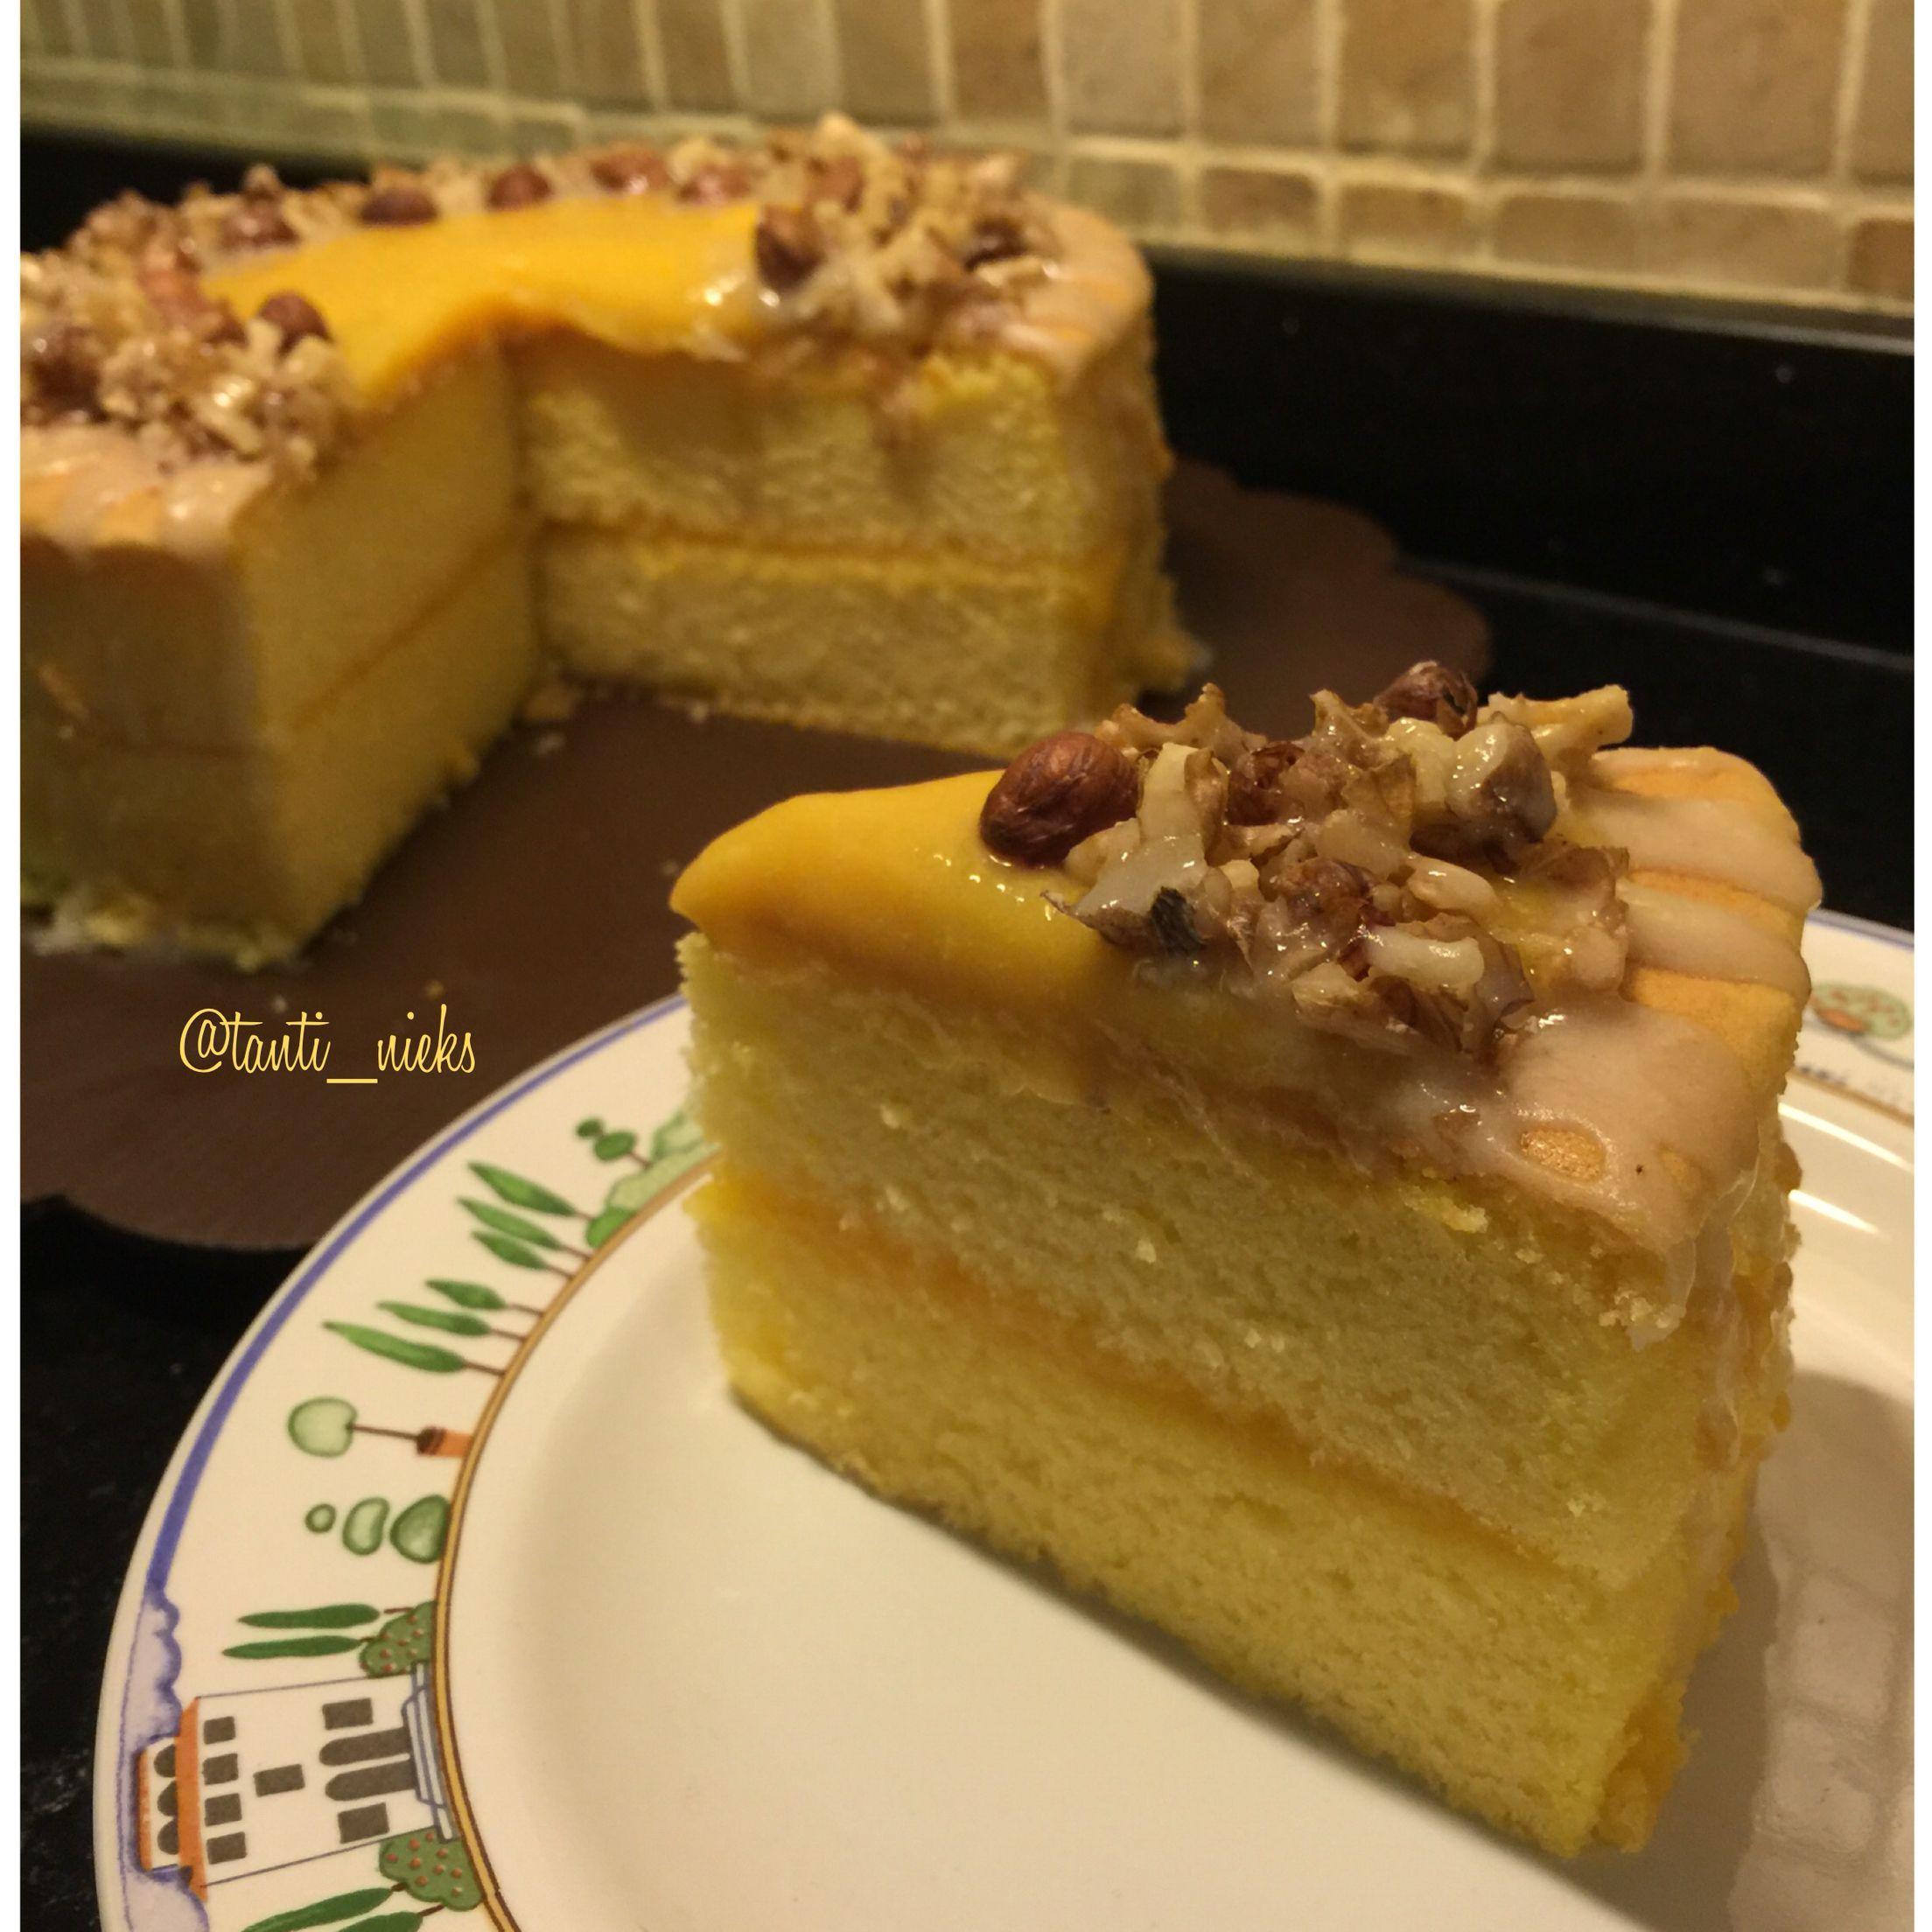 Lemon cake with lemon curd